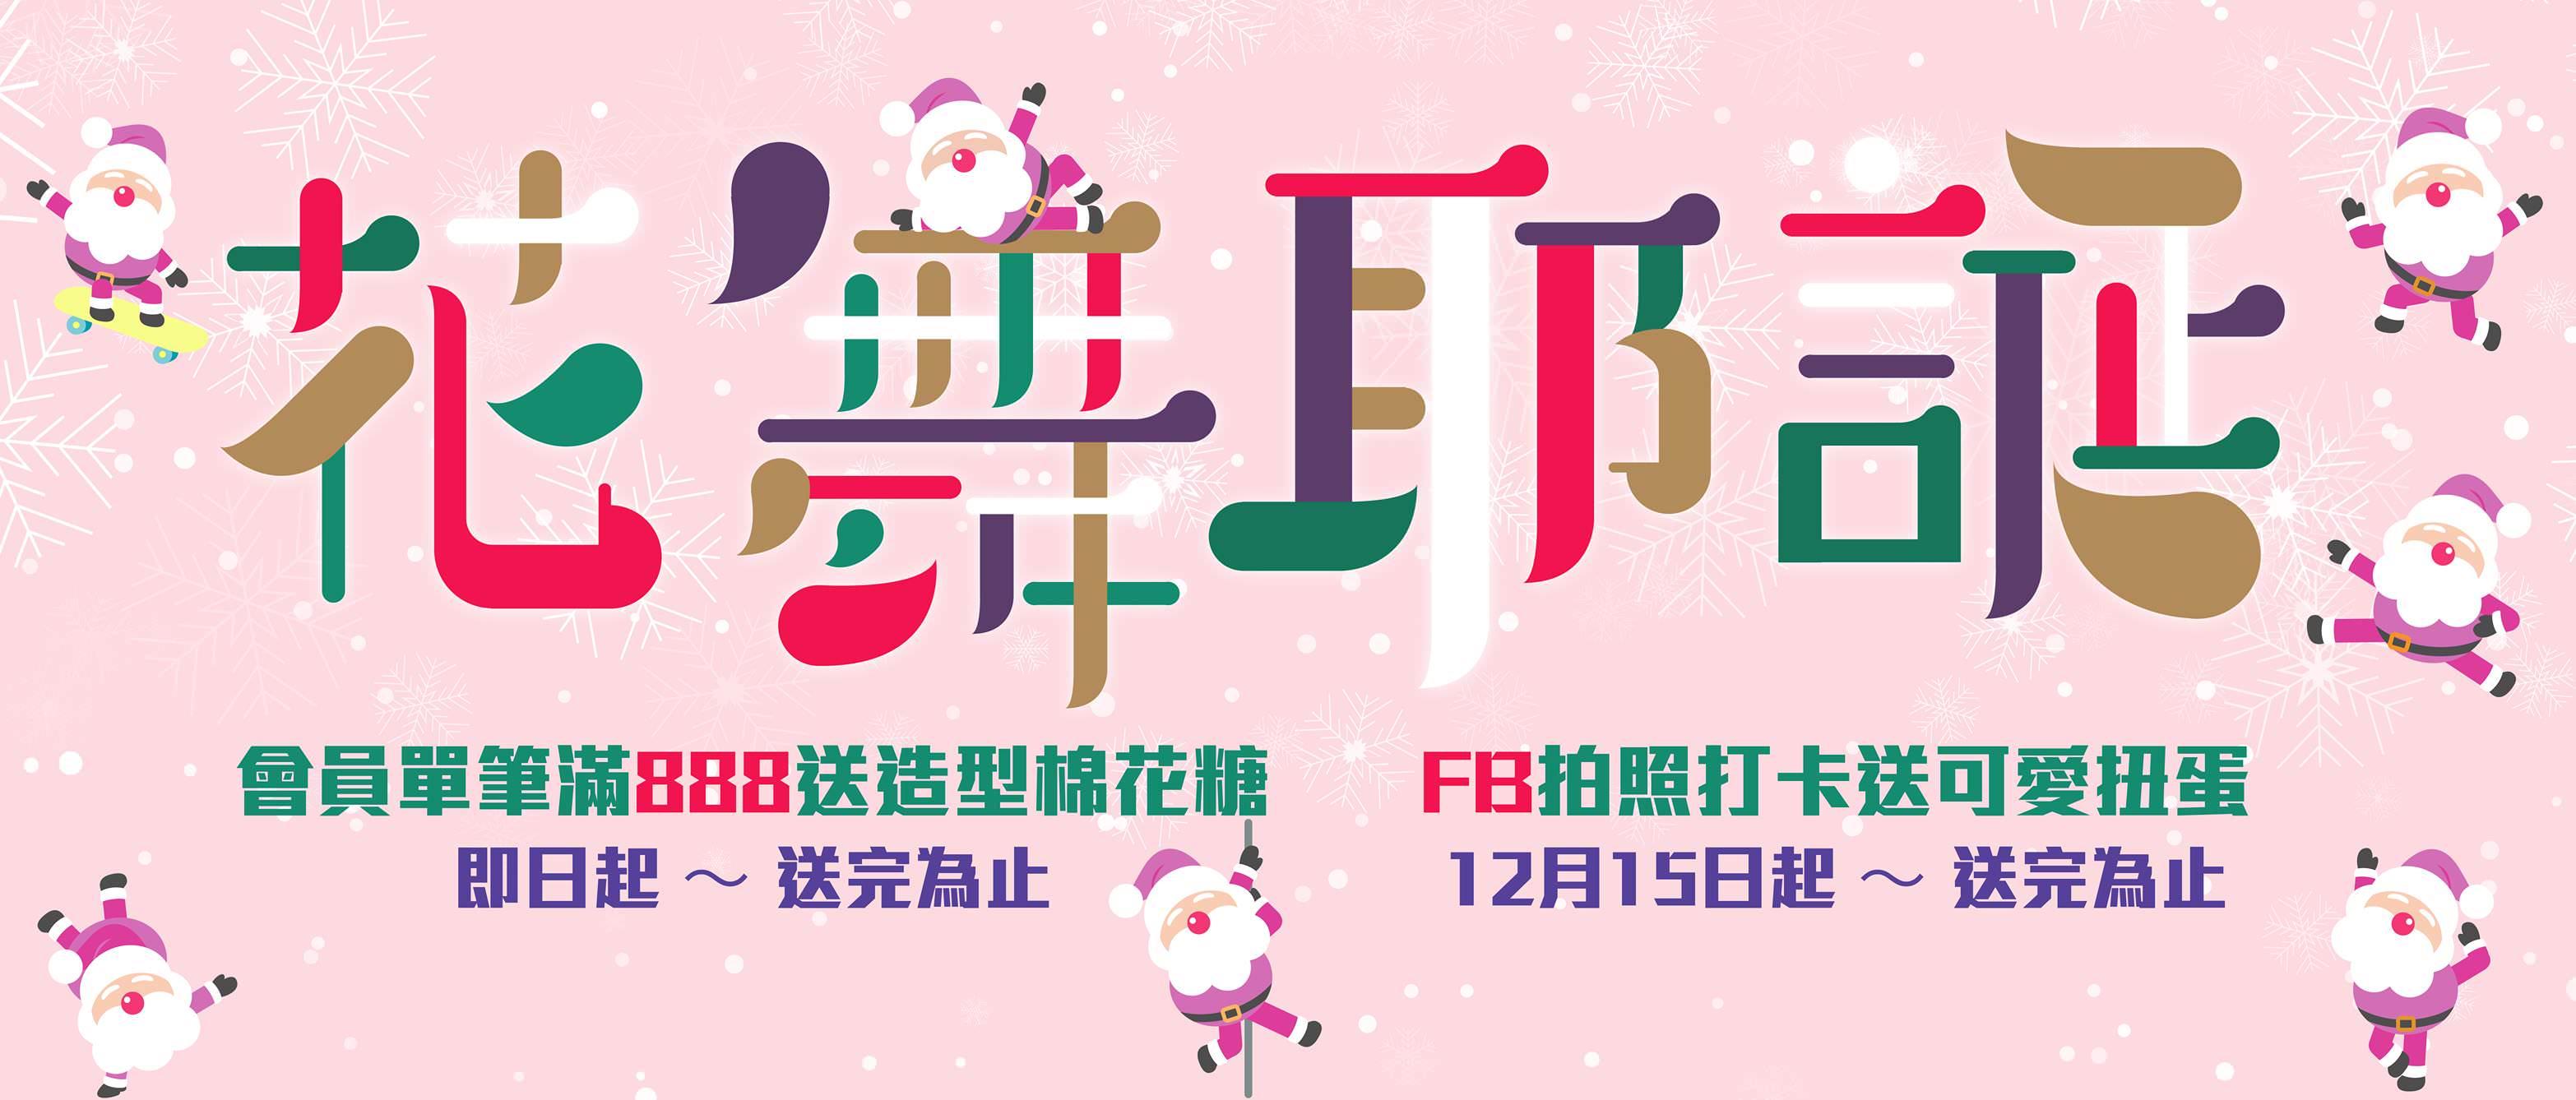 新竹聖誕節打卡景點推薦!竹北六家高鐵旁的6+Plaza購物廣場將於12月15日點燈,拍照打卡送扭蛋